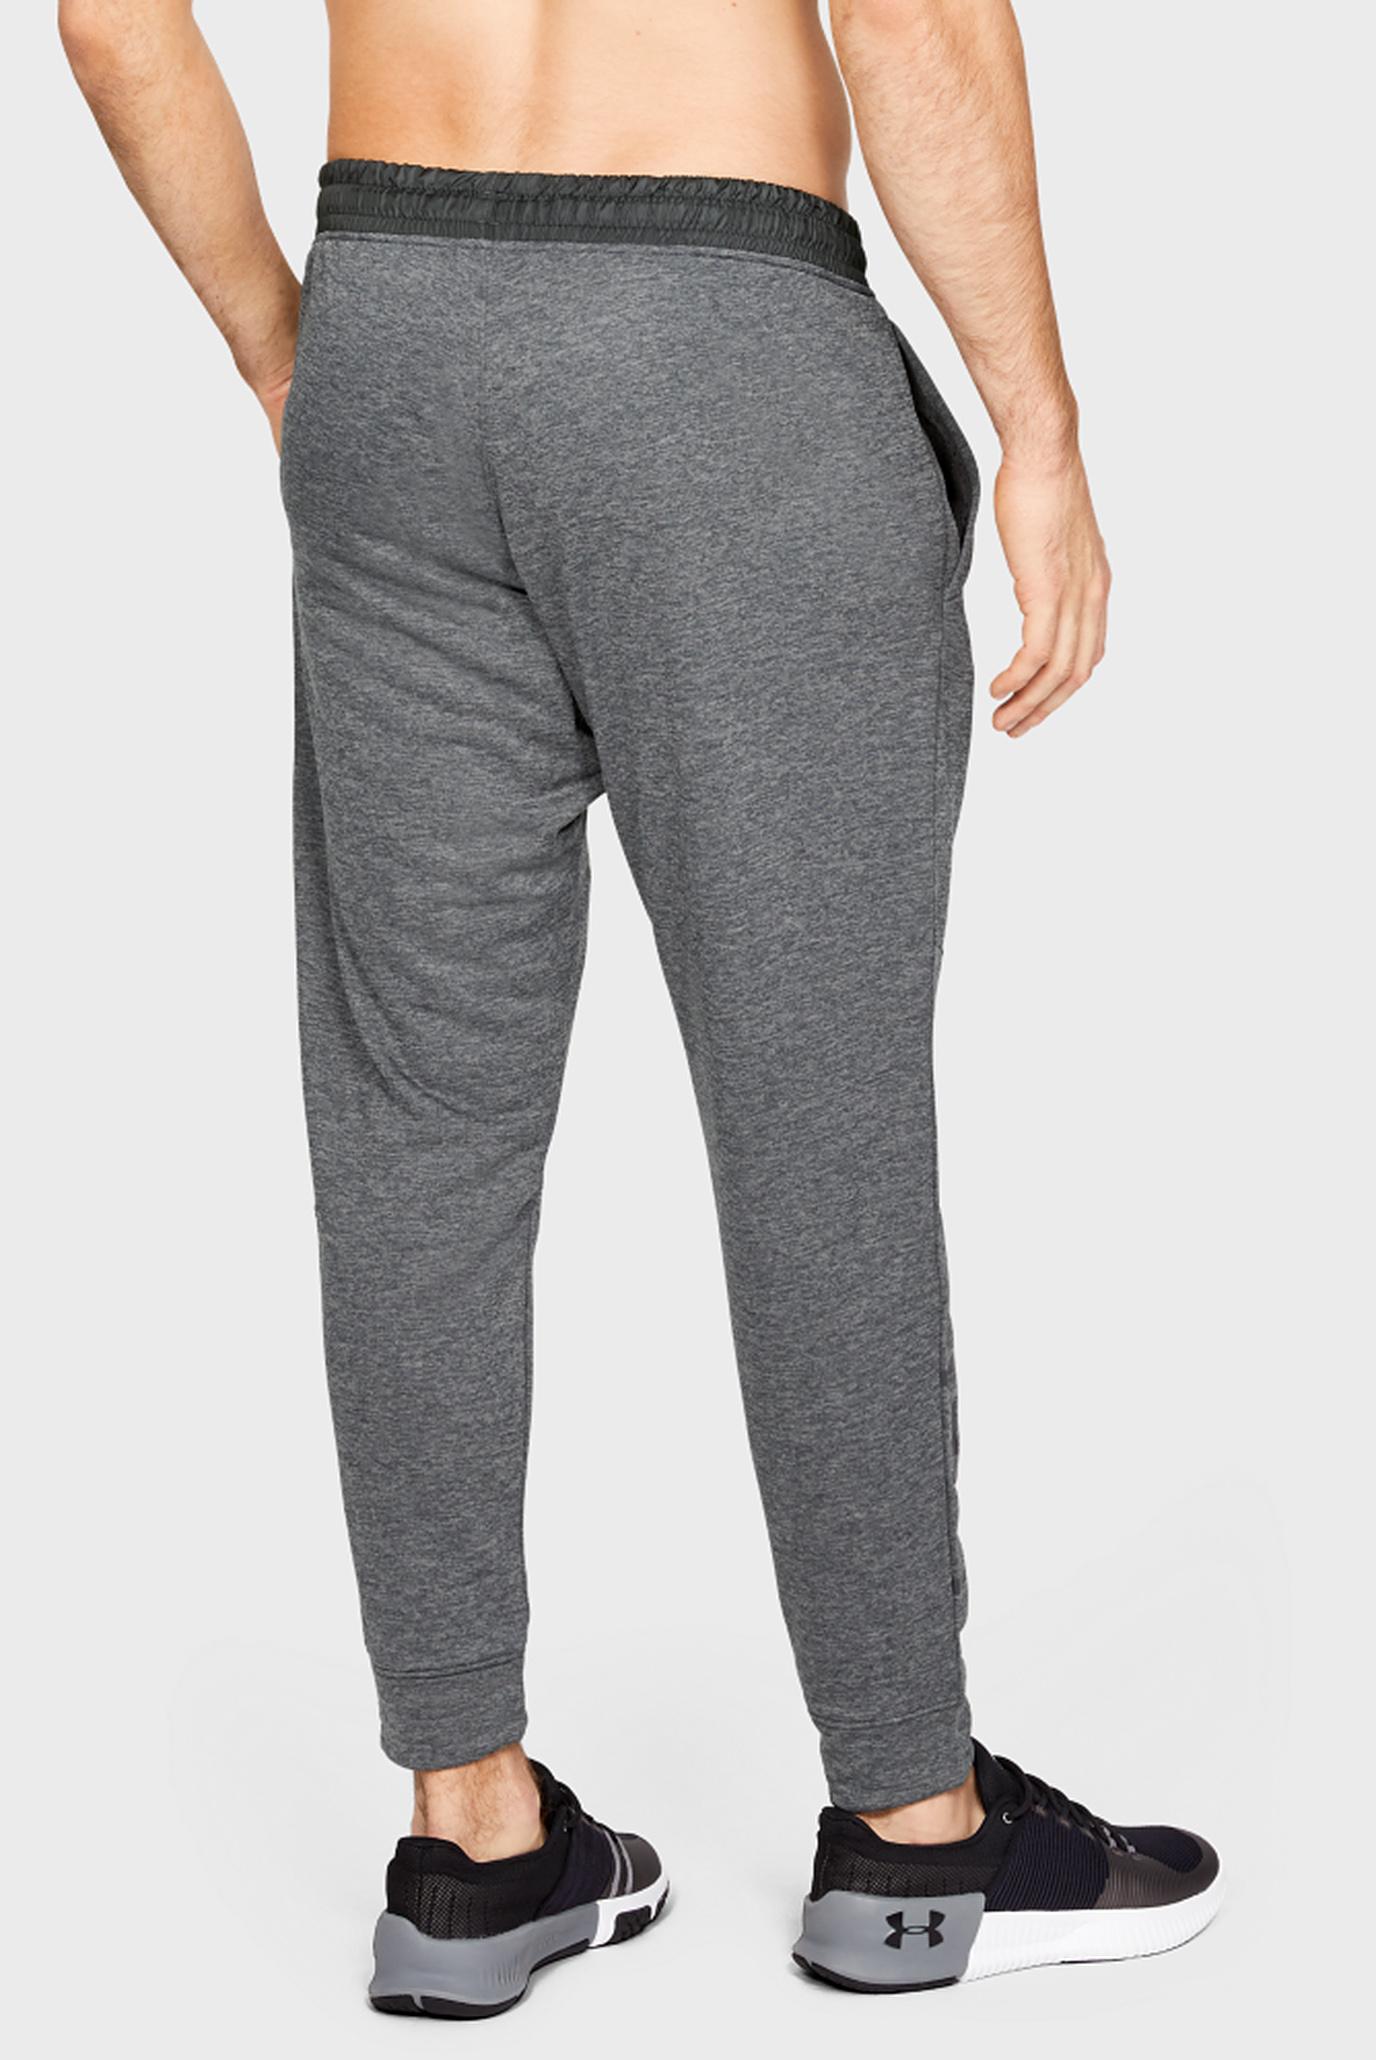 Купить Мужские серые спортивные брюки UA MK-1 Terry Joggers Under Armour Under Armour 1327407-012 – Киев, Украина. Цены в интернет магазине MD Fashion